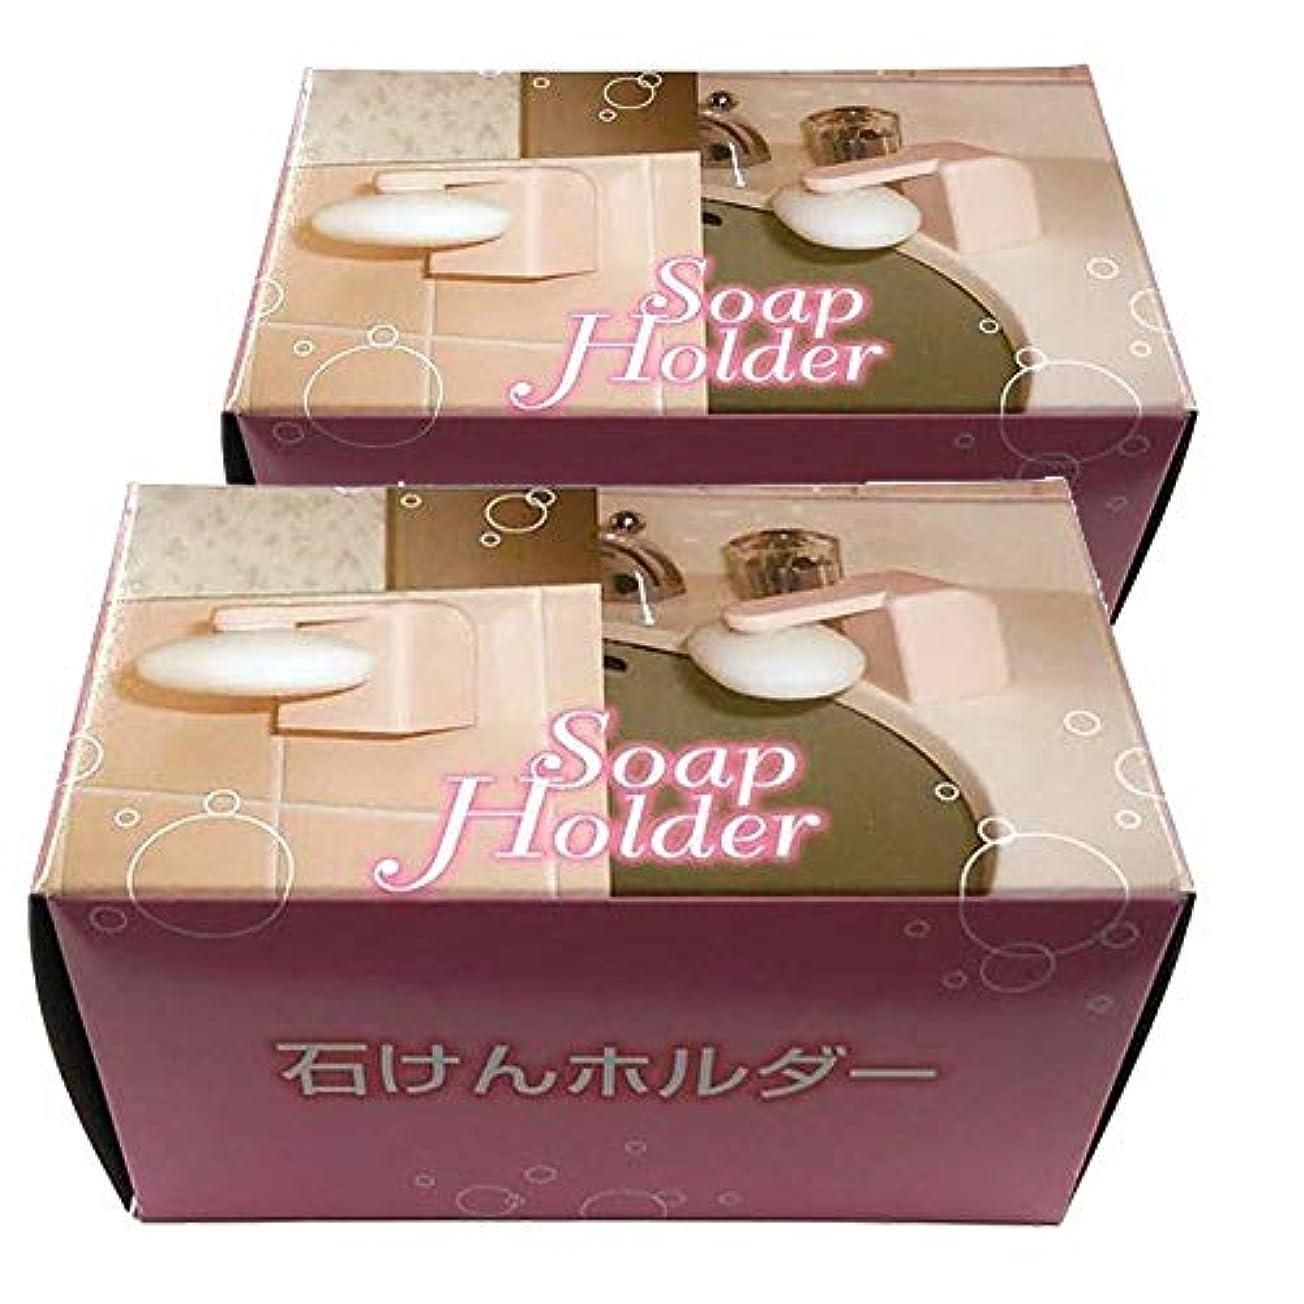 これら来て慣性マグネット石けんホルダー(2個セット) 石鹸が溶けないホルダー